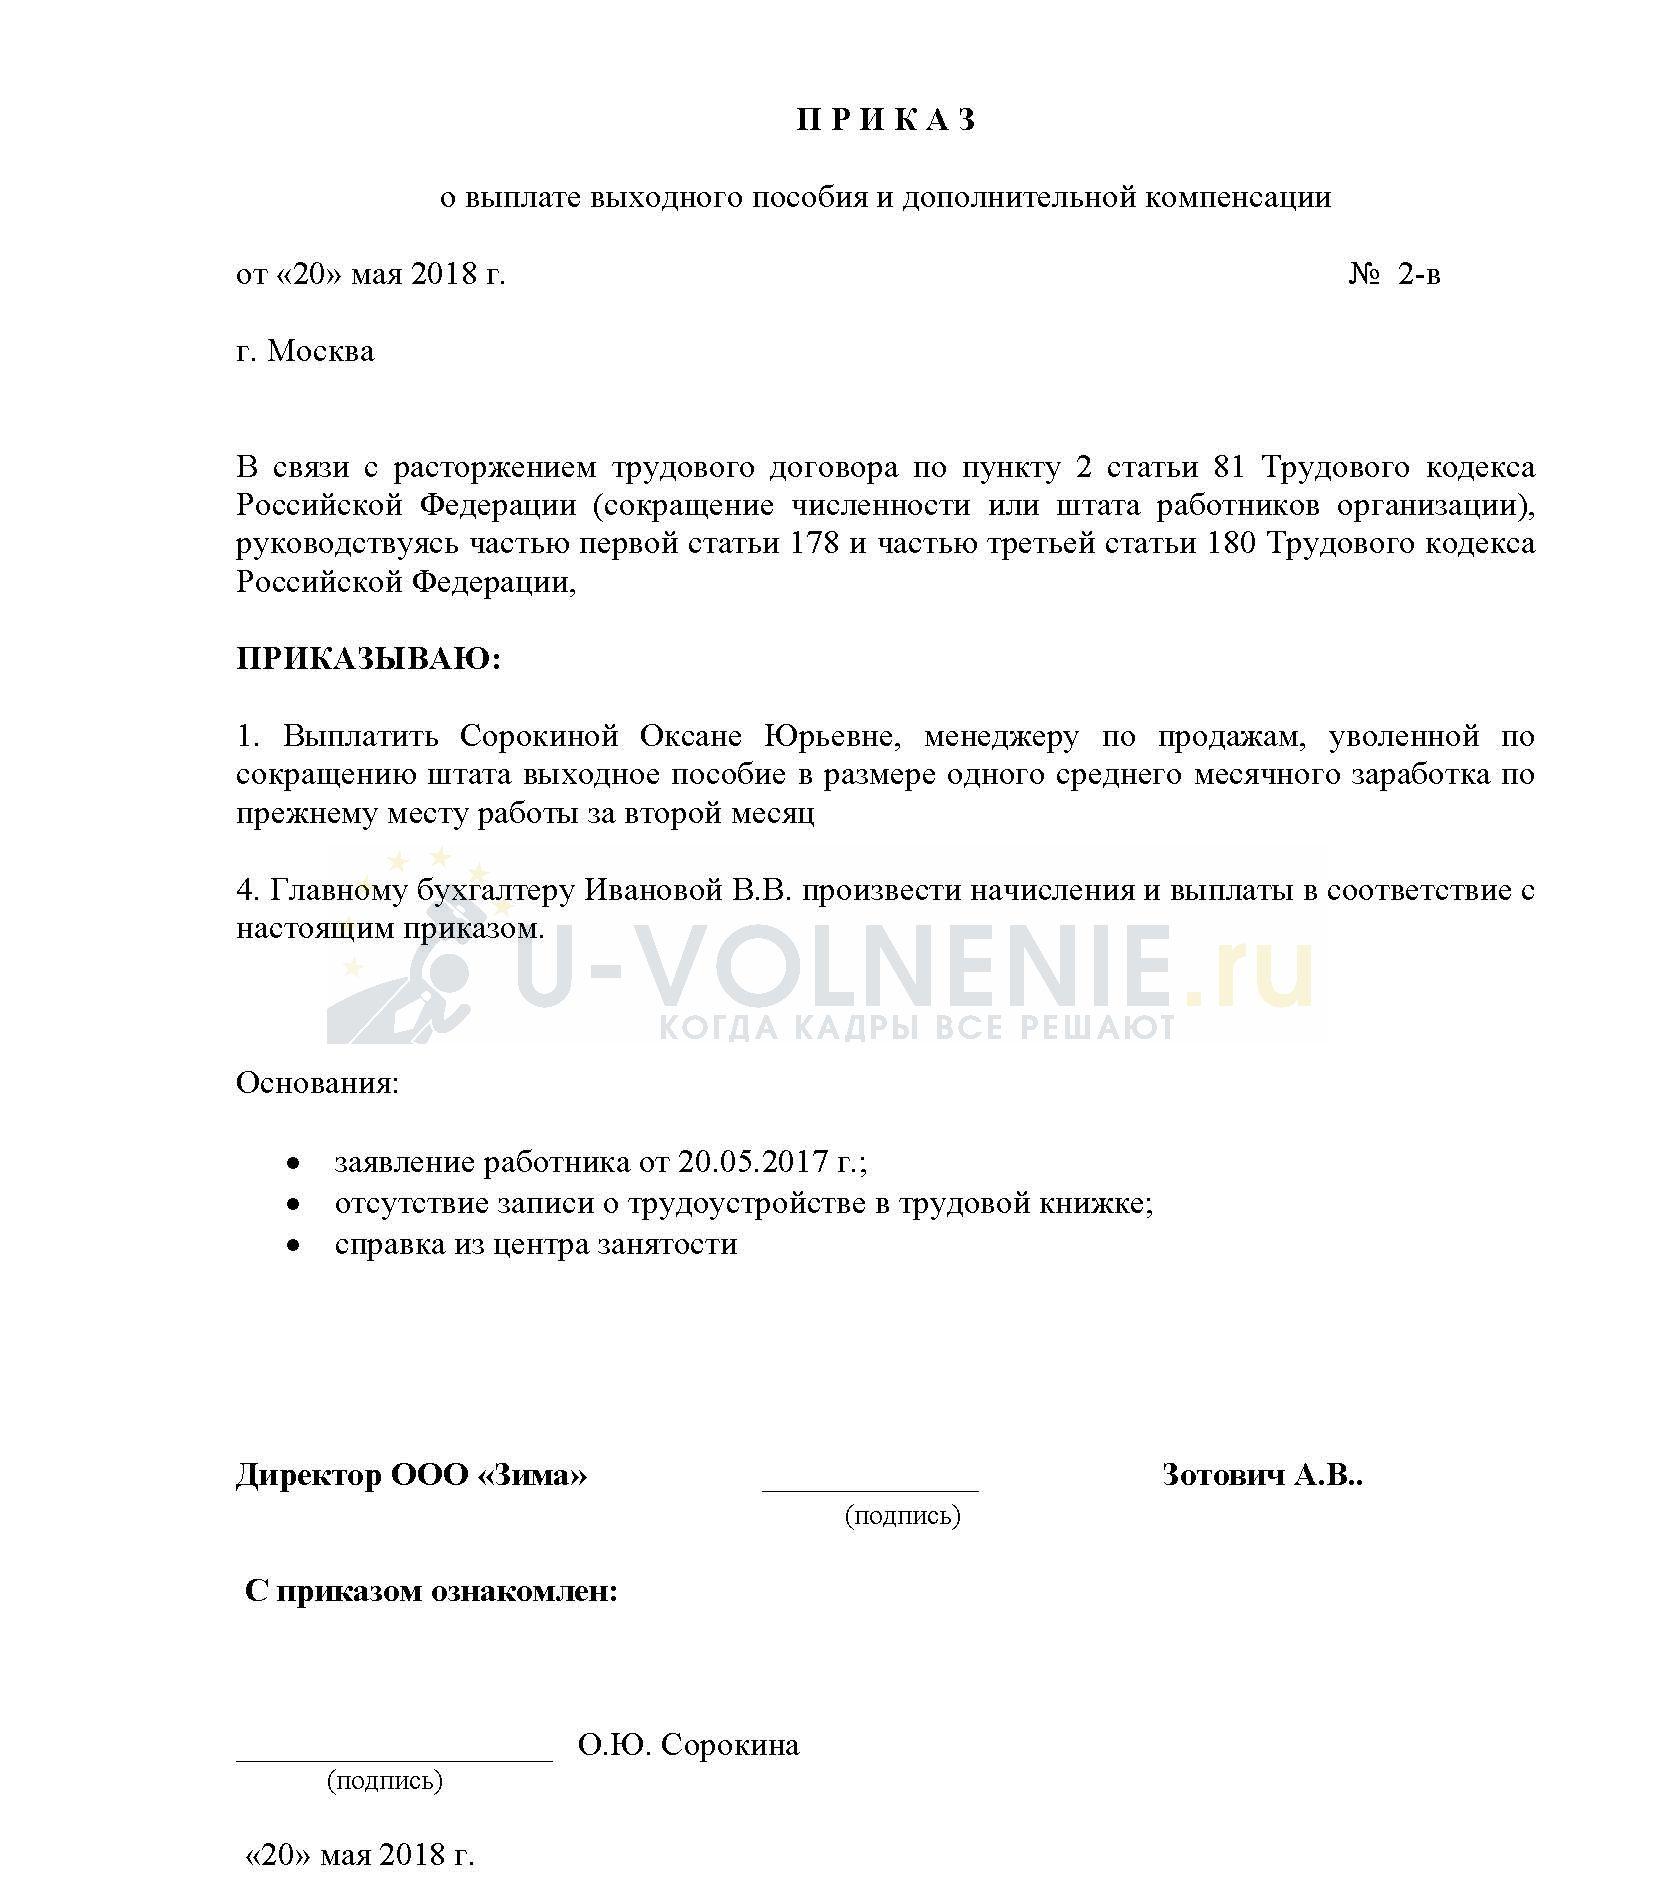 Заявление на выплату второго пособия при сокращении образец